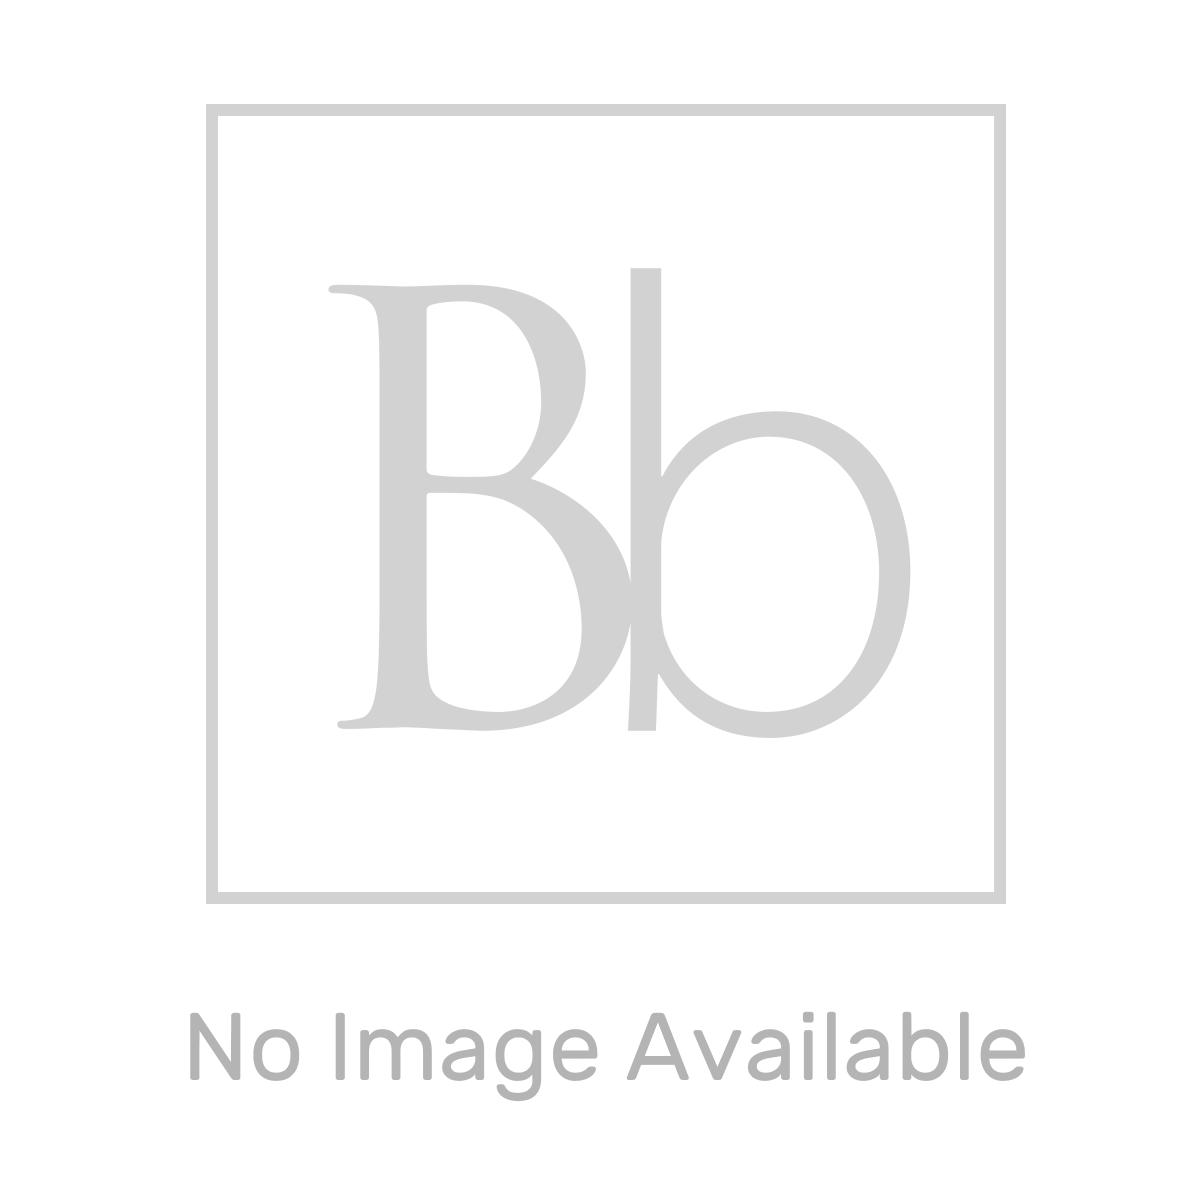 RAK Joy Wall Hung Standard Mirror 1200 x 680mm